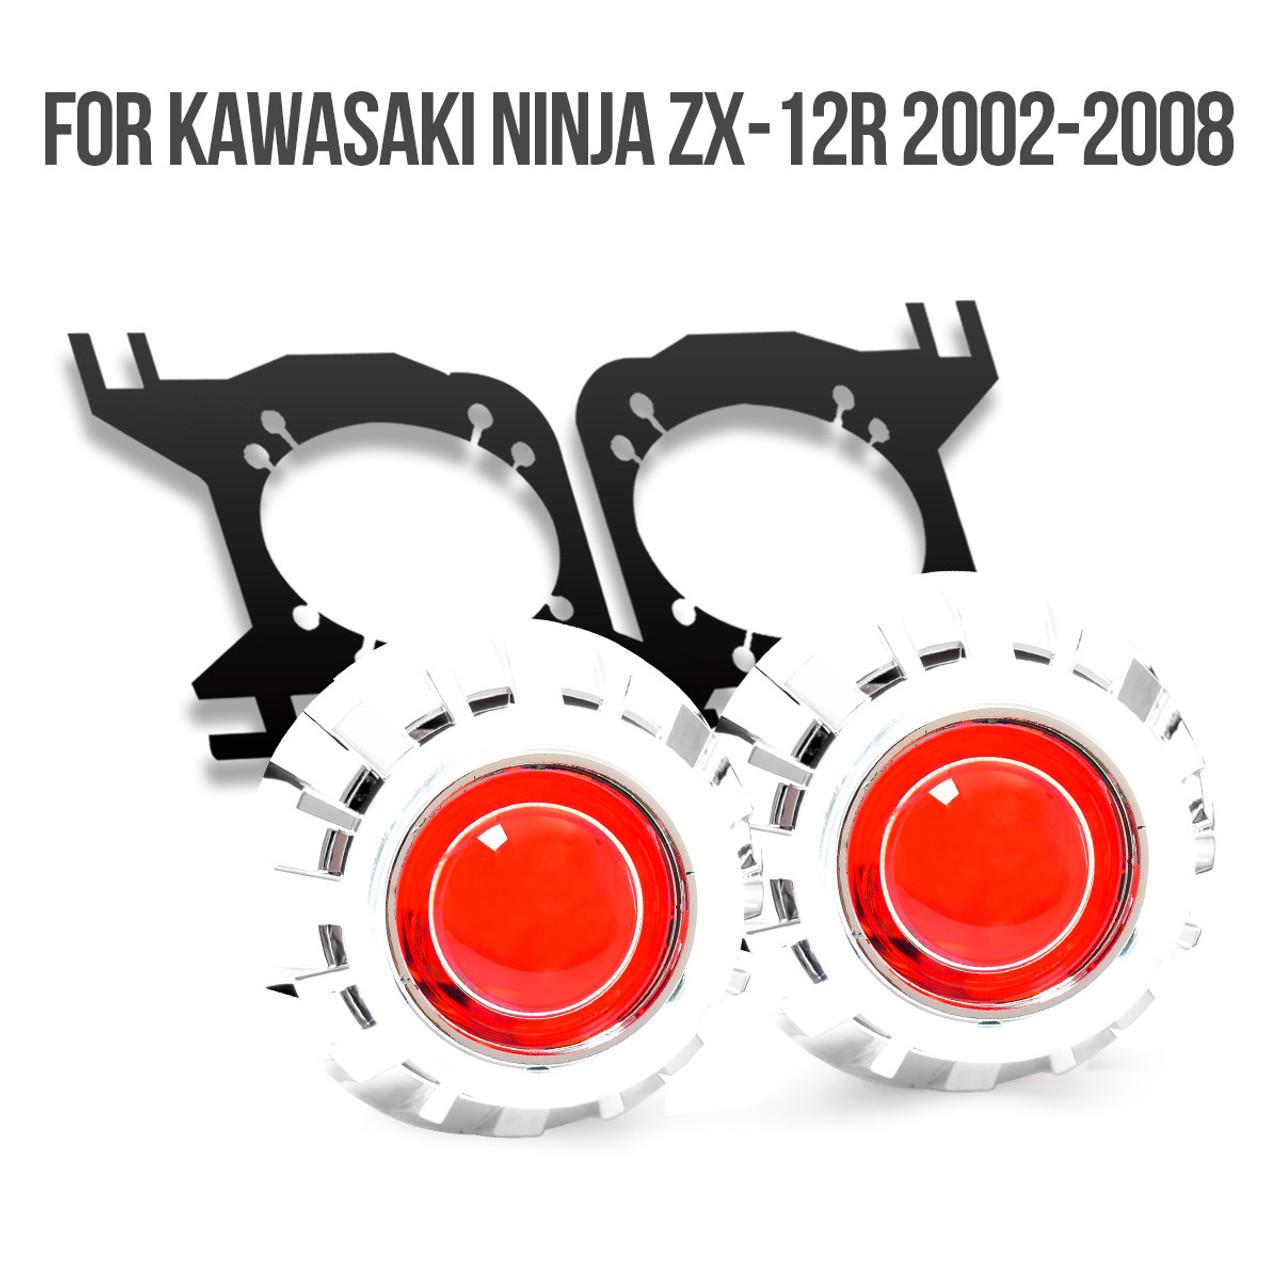 small resolution of 2002 2003 2004 2005 2006 2007 2008 kawasaki ninja zx12r projector kit